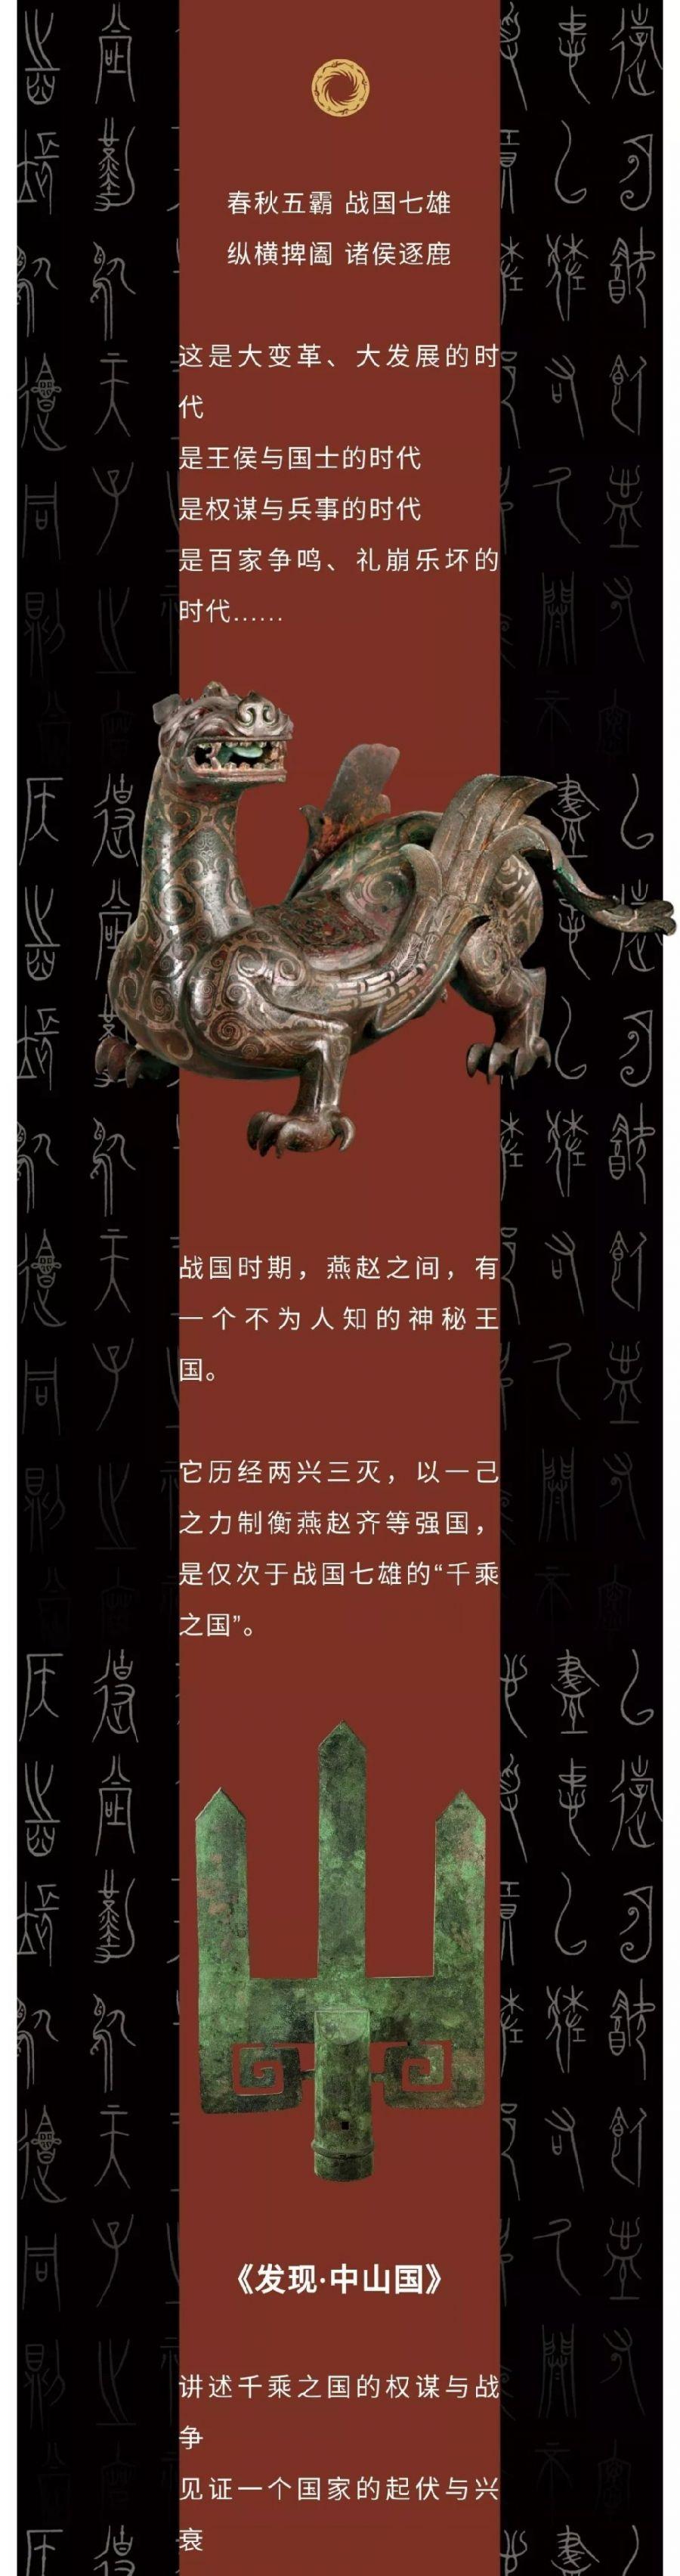 2019成都金沙遗址博物馆新展《发现中山国》详情(时间 门票)